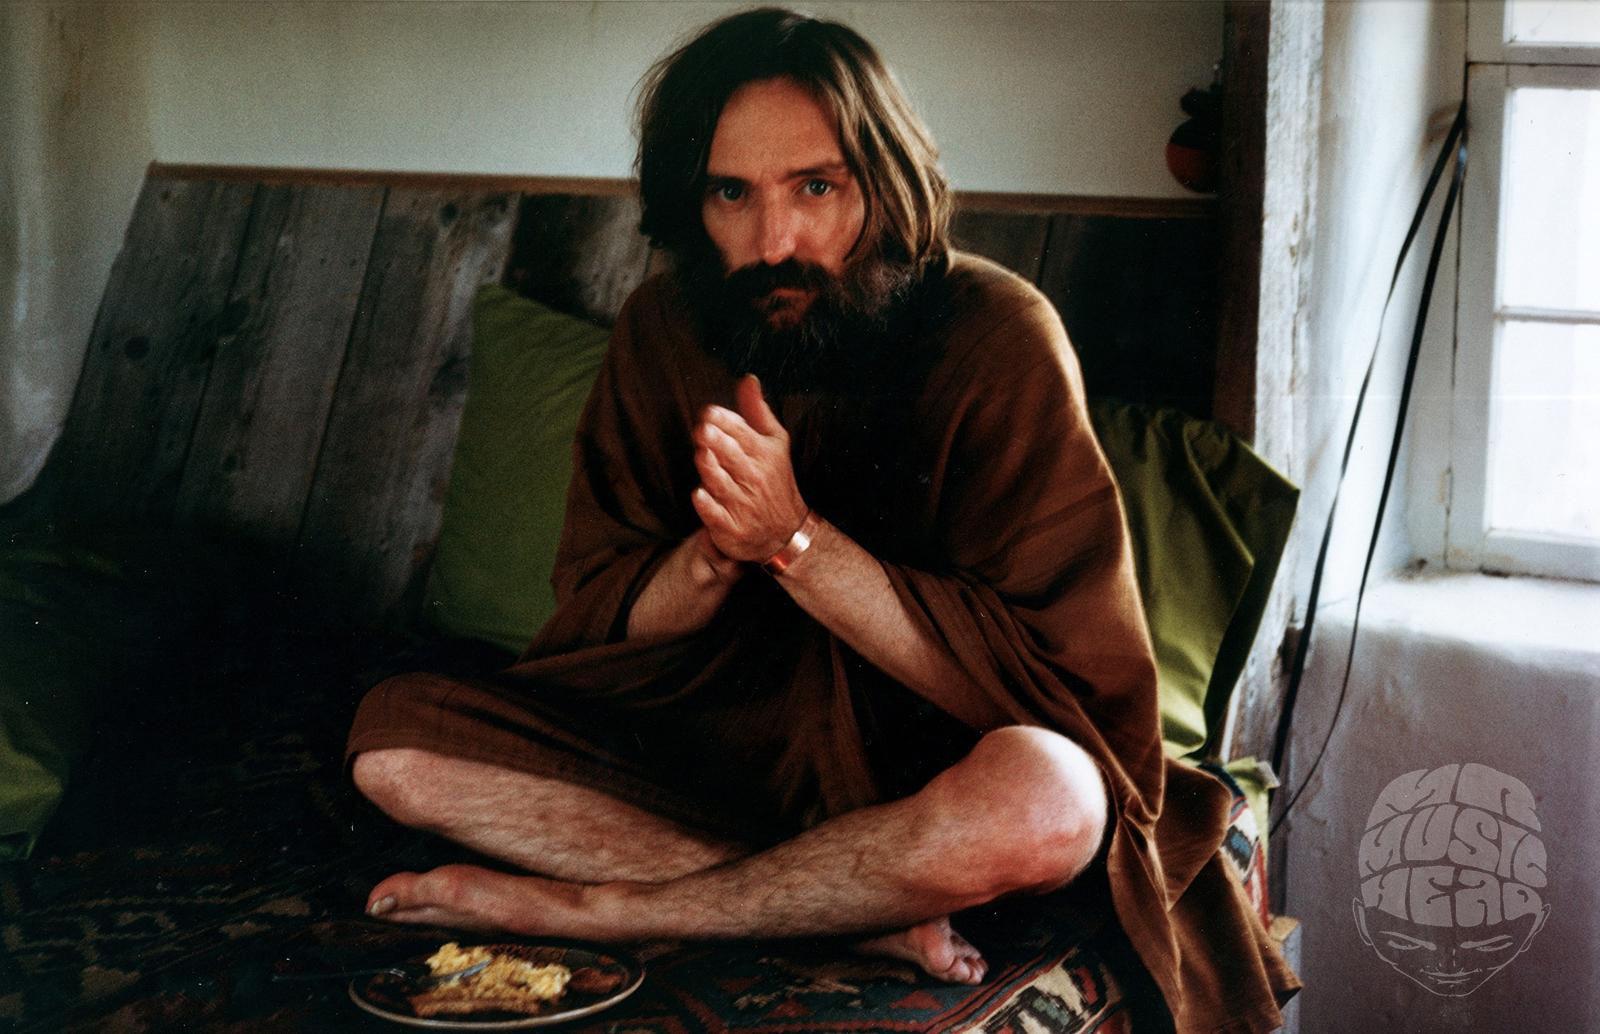 LISA LAW DENNIS HOPPER PRAYING.jpg